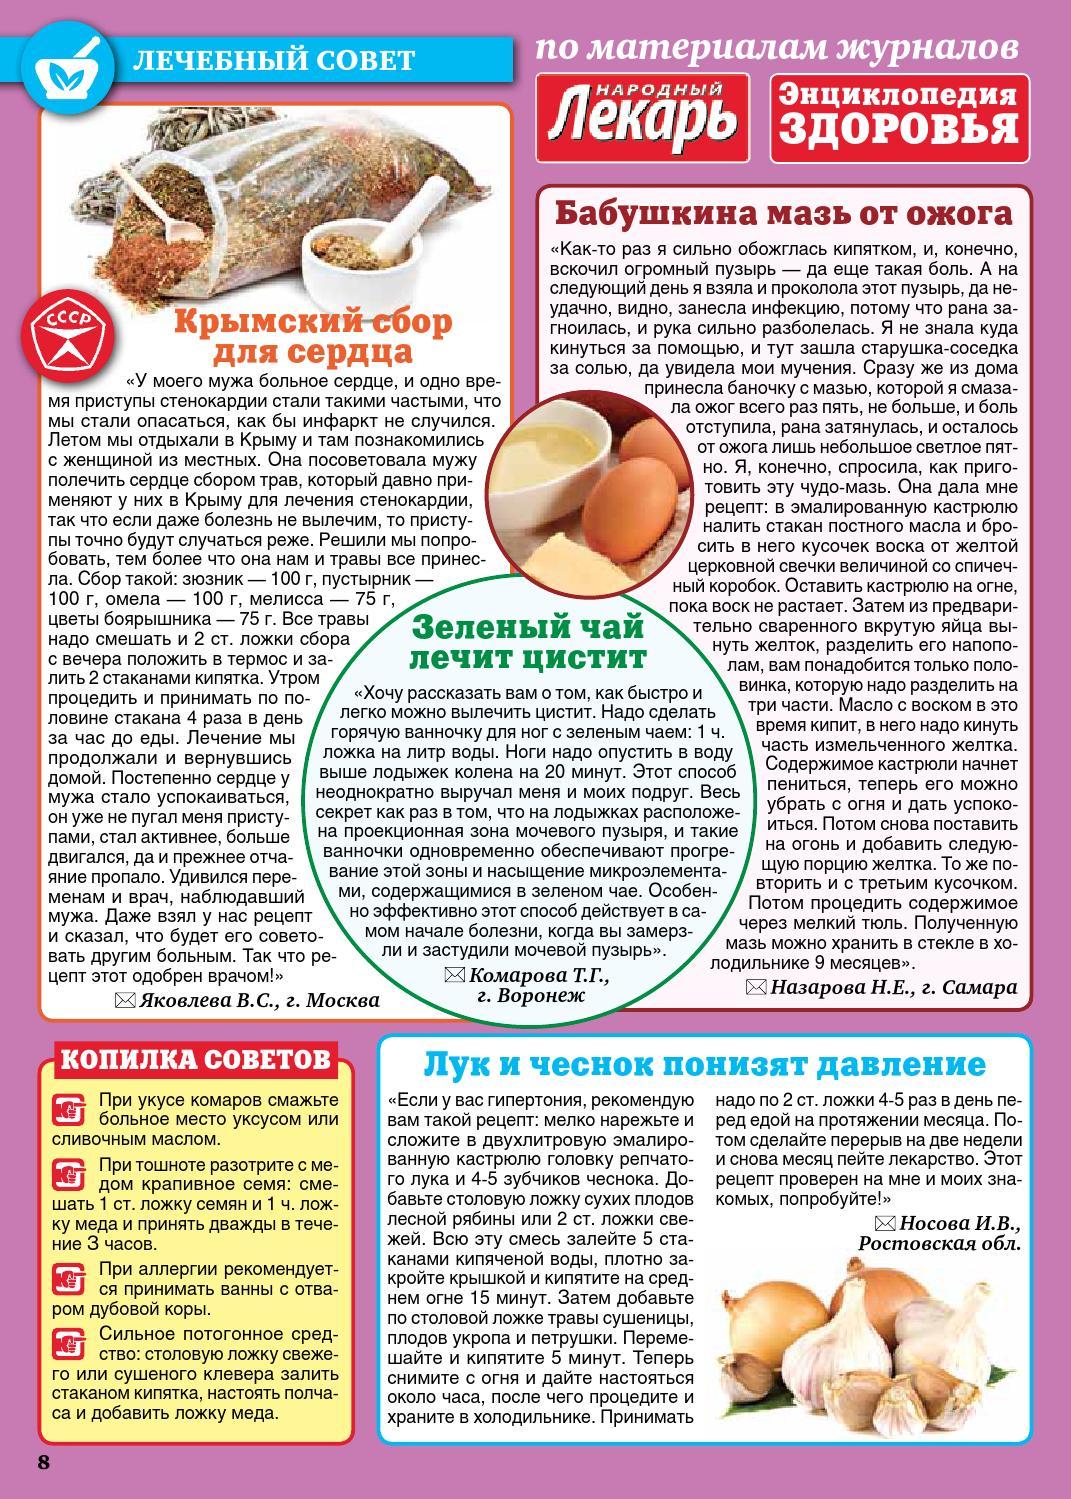 Рецепты для лечения стенокардии